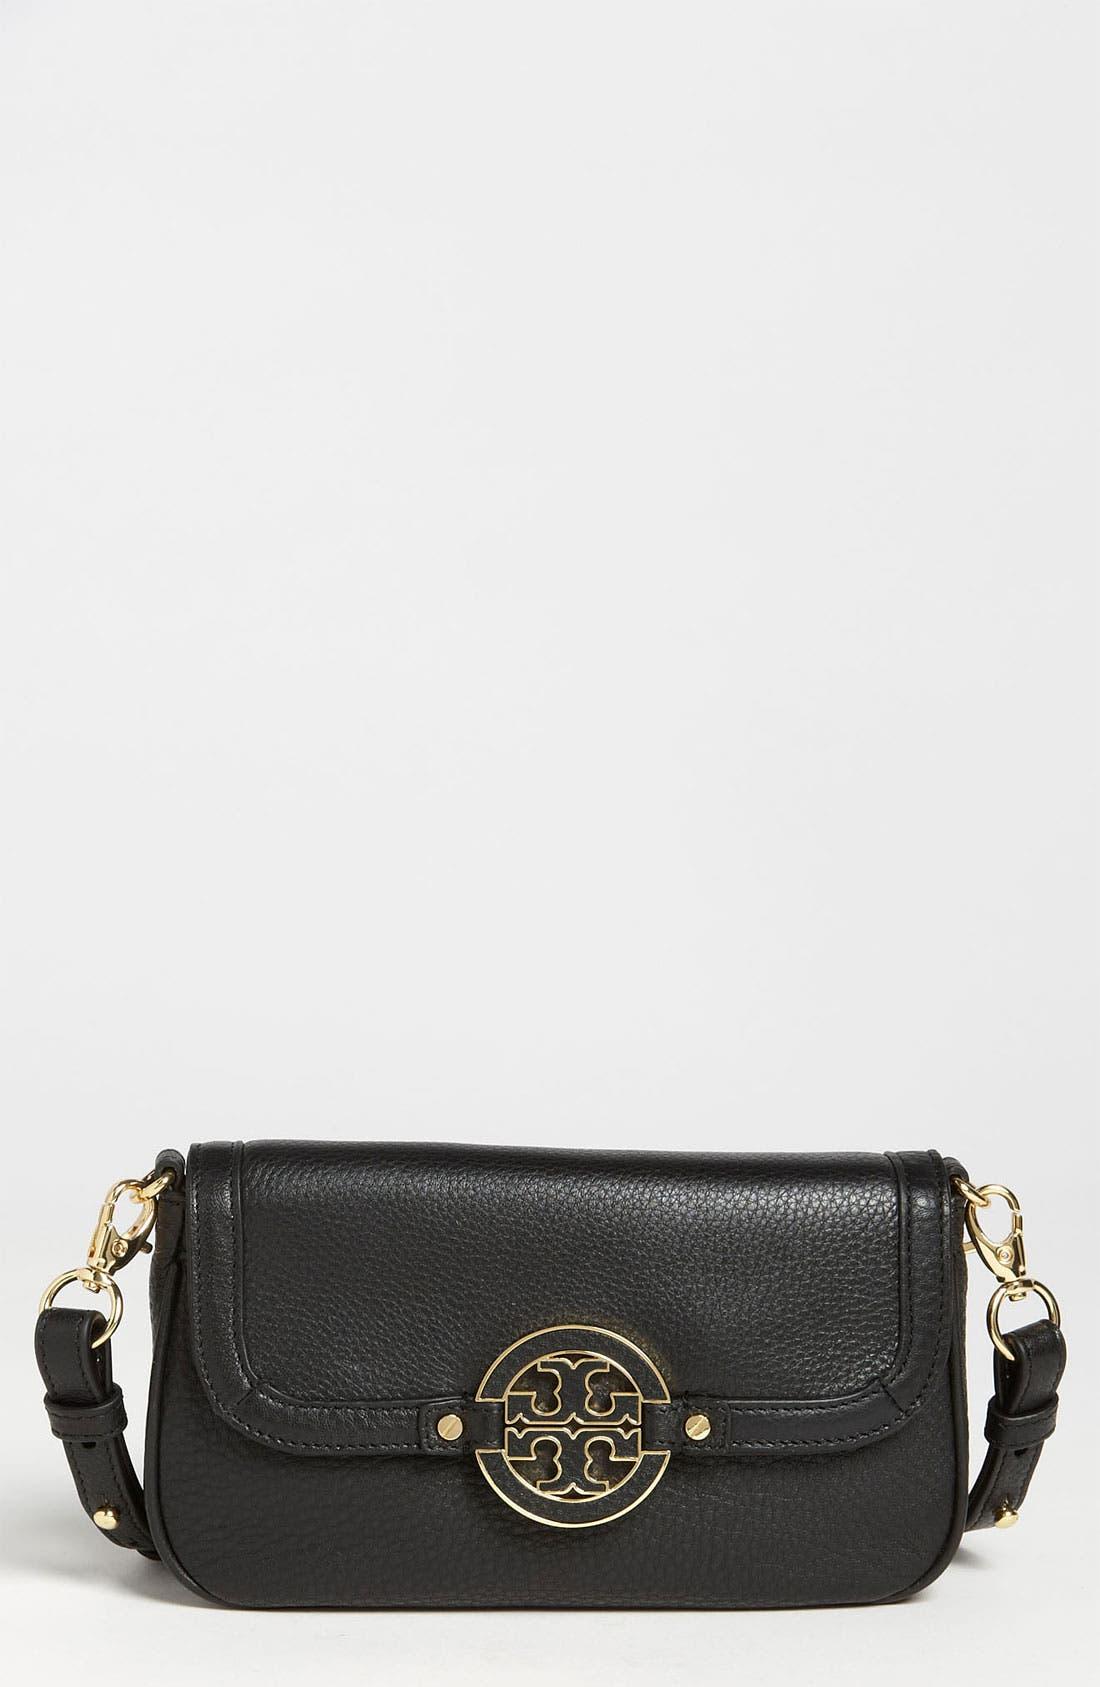 Main Image - Tory Burch 'Amanda - Mini' Crossbody Bag